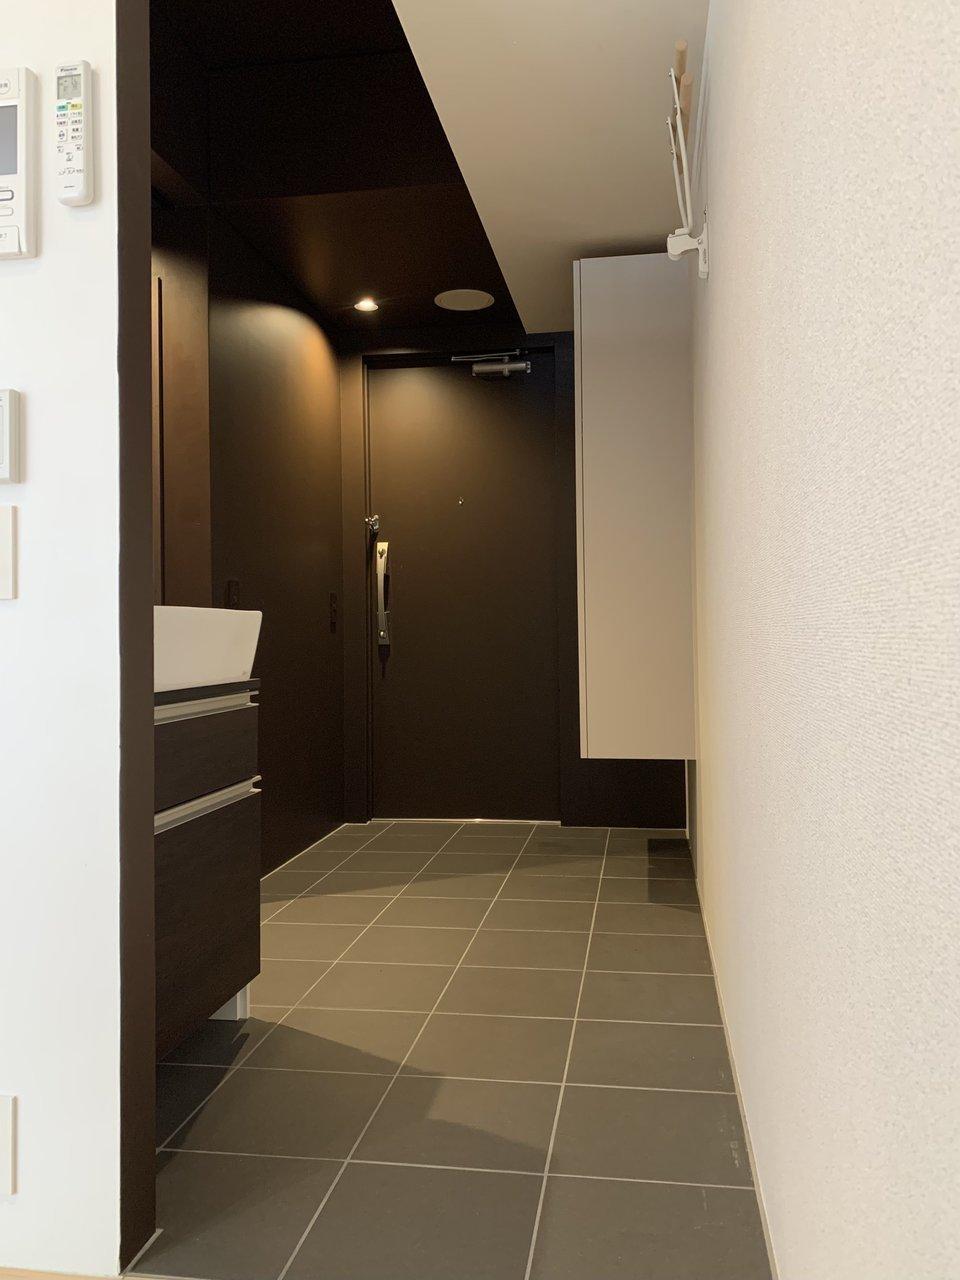 玄関土間スペースは広ーい!ここには室内自転車フックと洗面台もあるんです。帰ってきてすぐ手を洗えるのは嬉しいポイントですね。